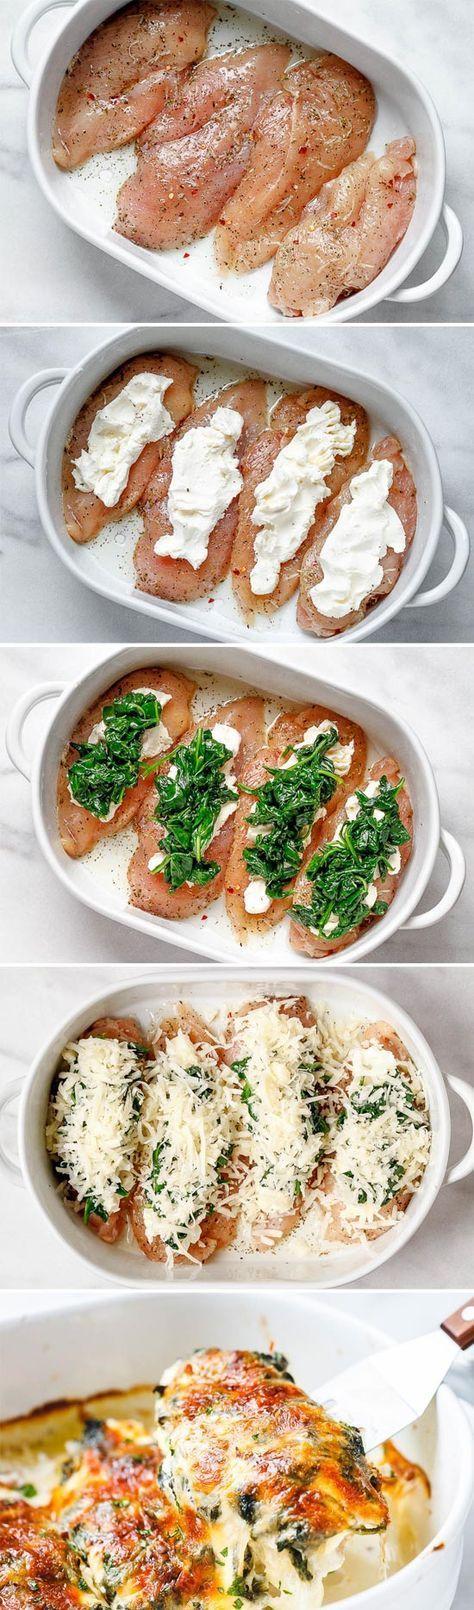 Spinat-Hühnerauflauf mit Frischkäse und Mozzarella - GESUNDHEIT #meatfood